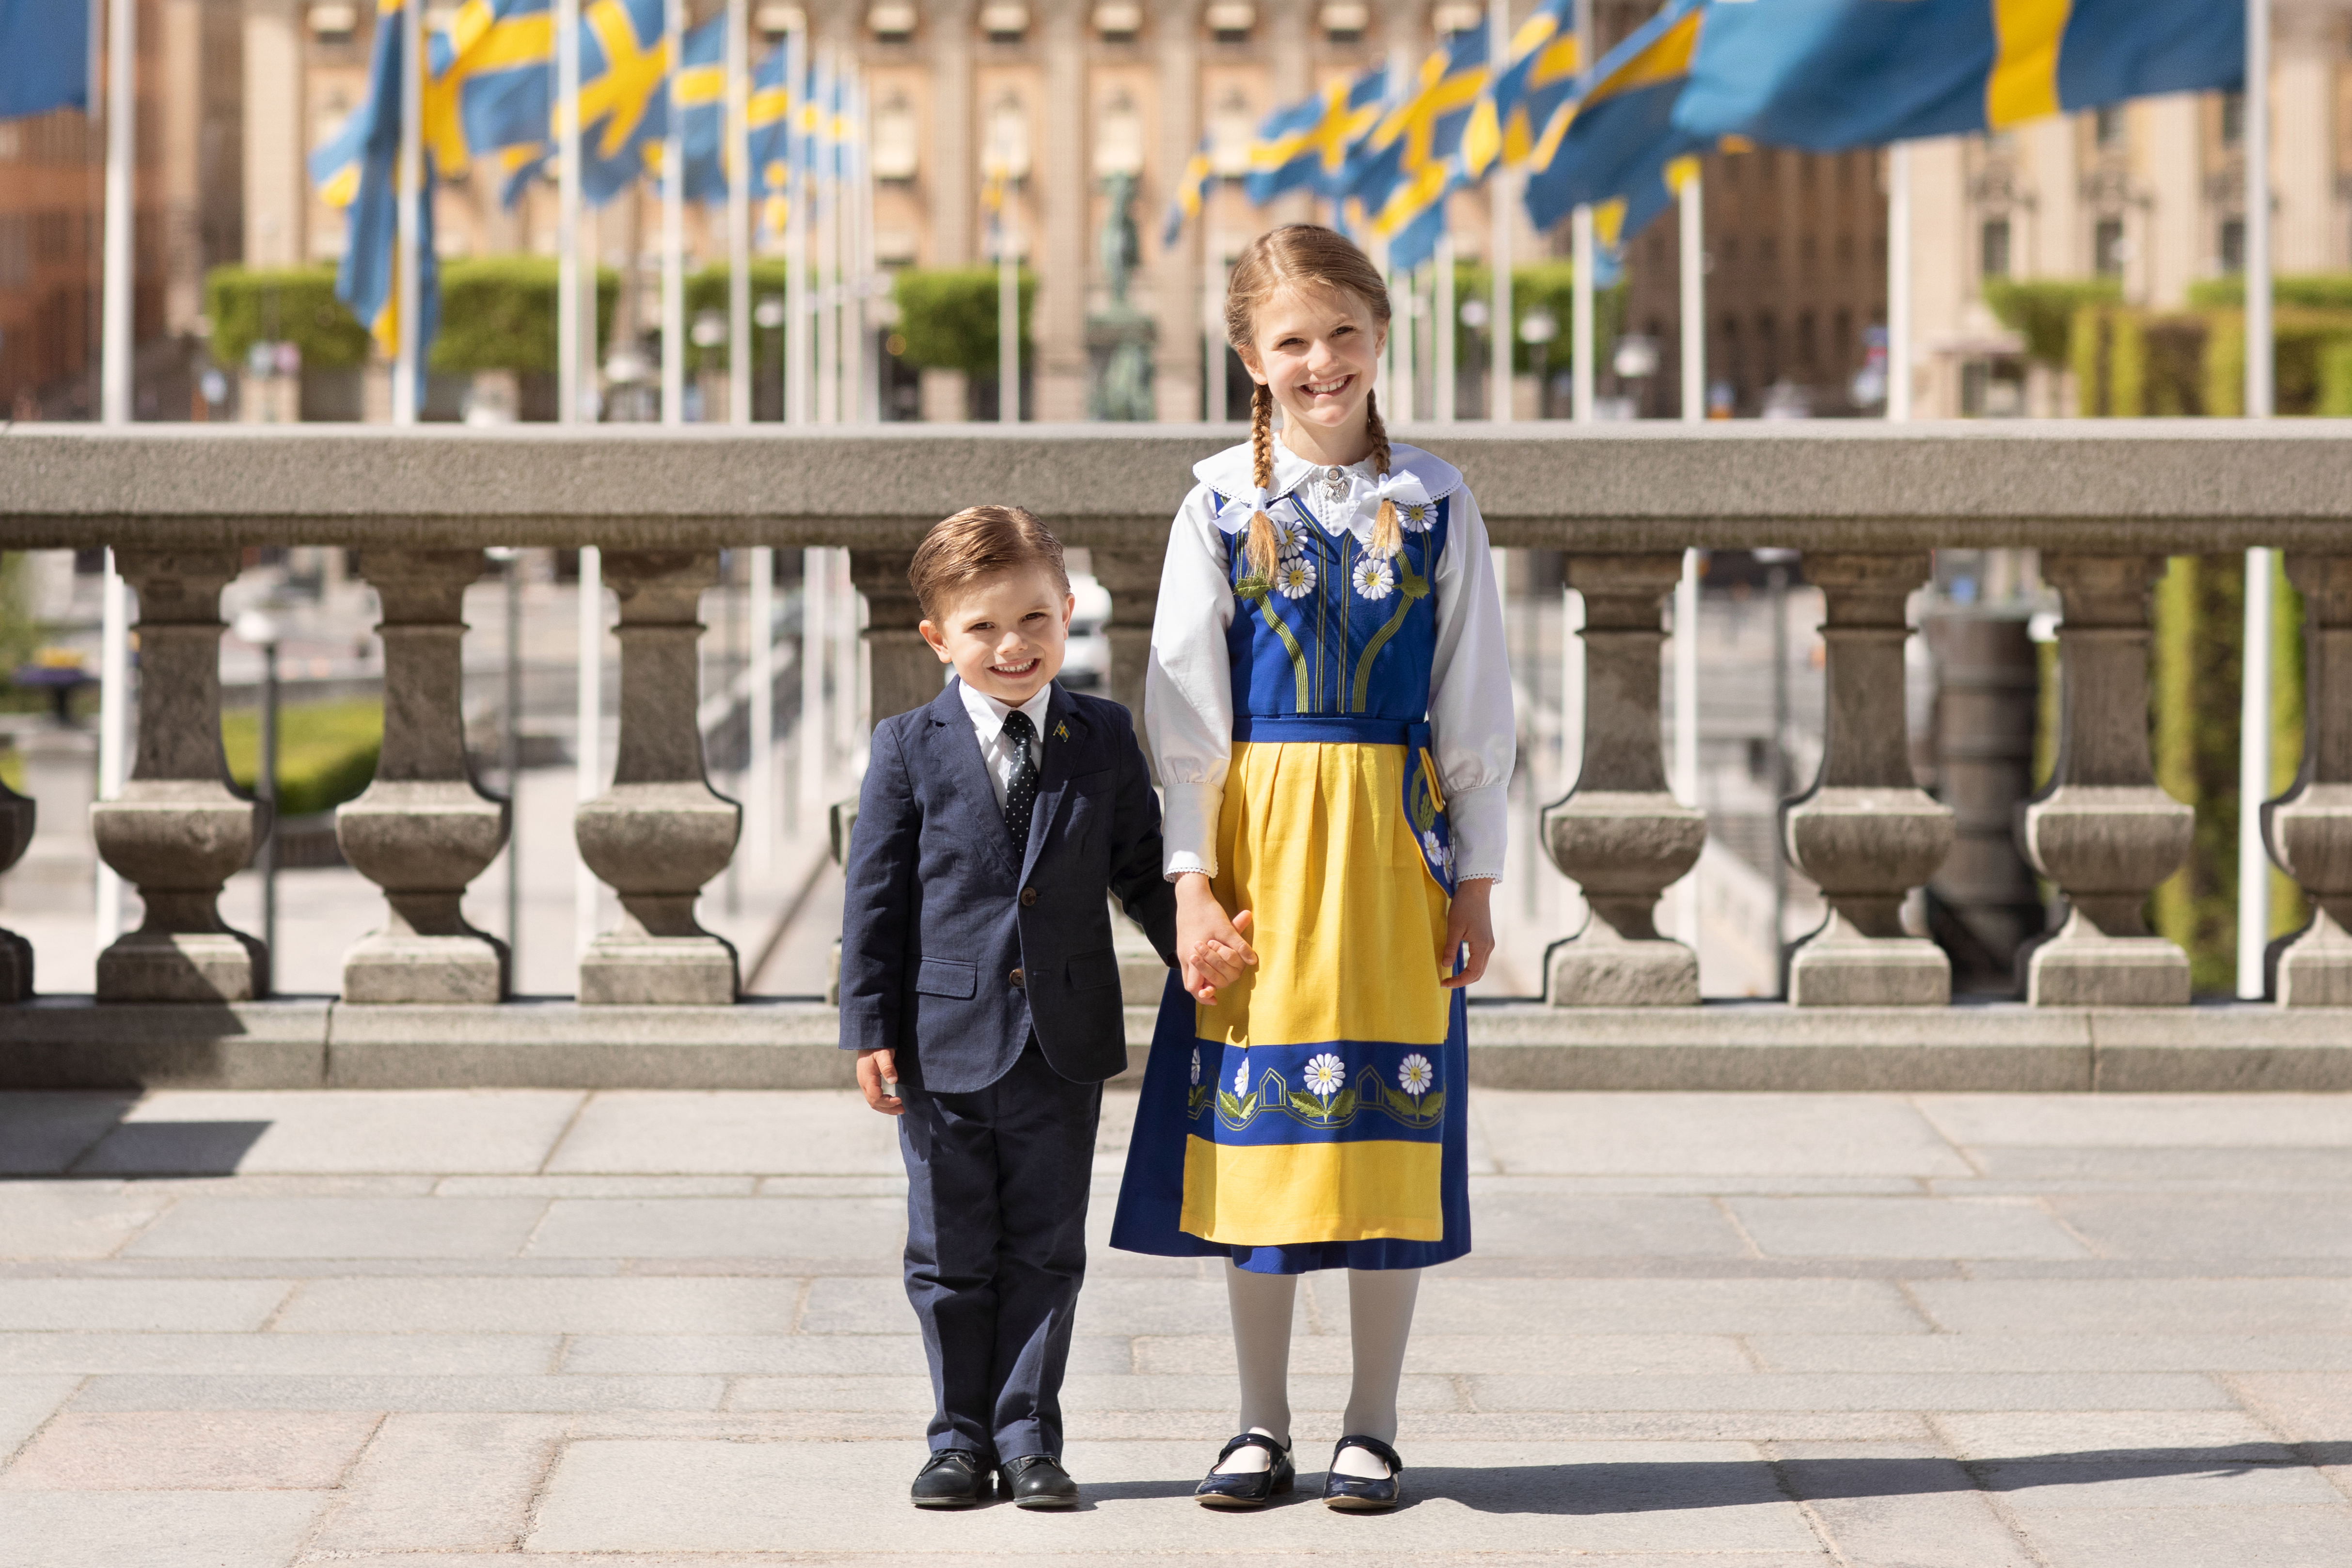 """Prinz Oscar und Prinzessin Estelle sollen auch normale Erfahrungen sammeln. """"Ich halte es für wichtig, dass die Kinder sich in verschiedenen Umfeldern bewegen. Man muss wissen, wie man U-Bahn fährt, und wie es ist, Bus zu fahren oder in einer Schlange zu stehen"""","""